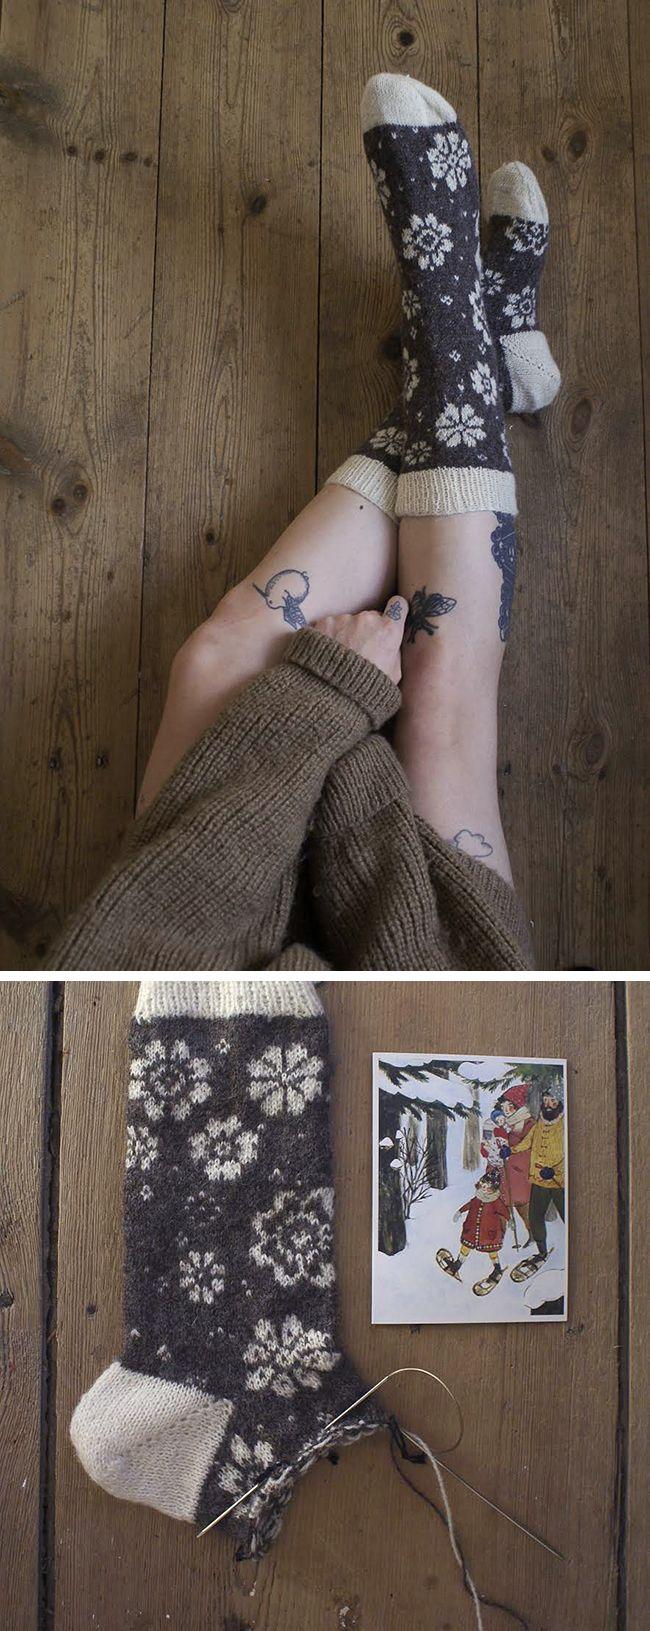 353 besten Kootud sokid ja säärised Bilder auf Pinterest | Socken ...